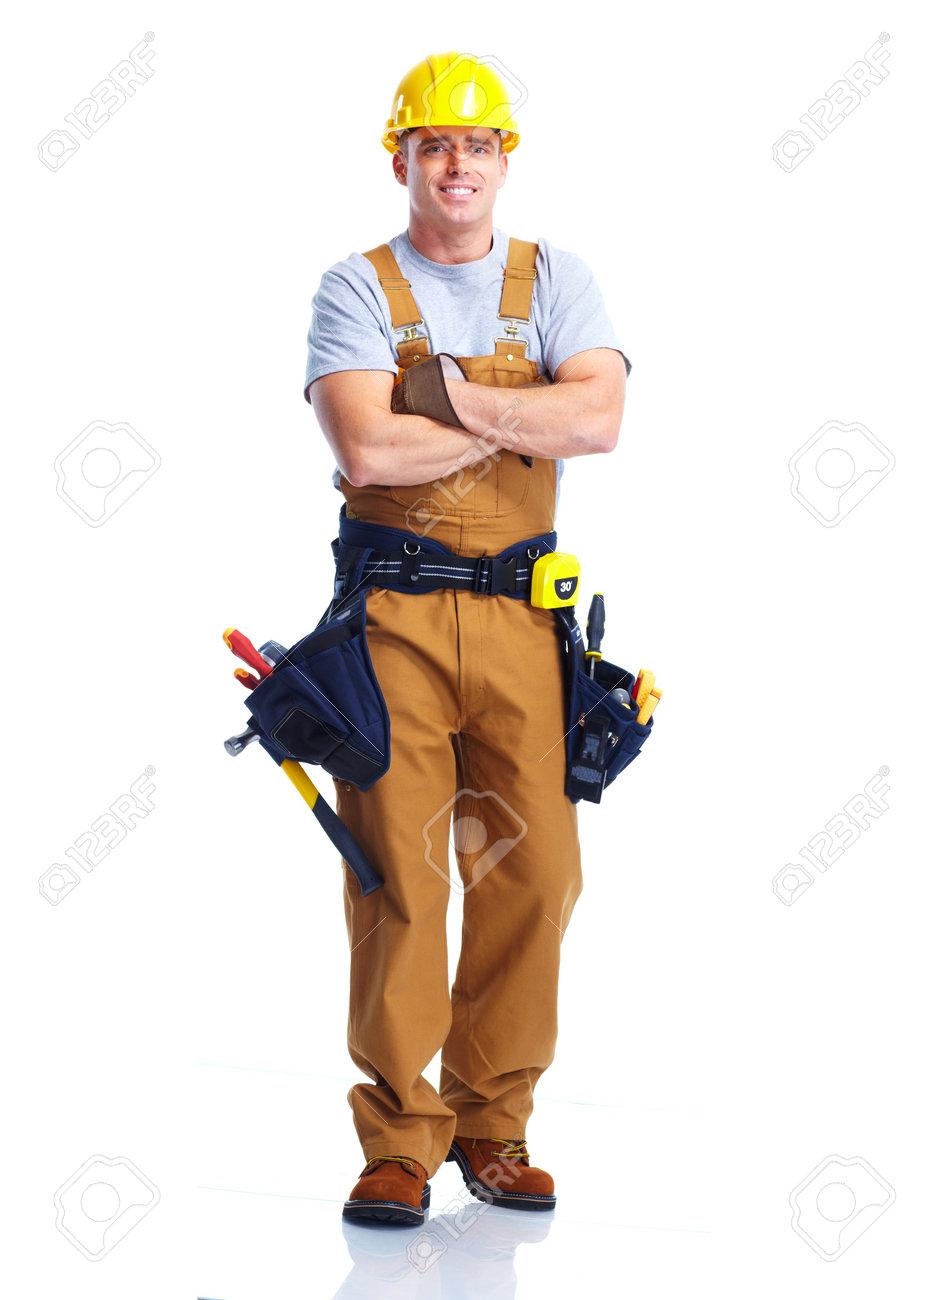 Contractor. Stock Photo - 11070106